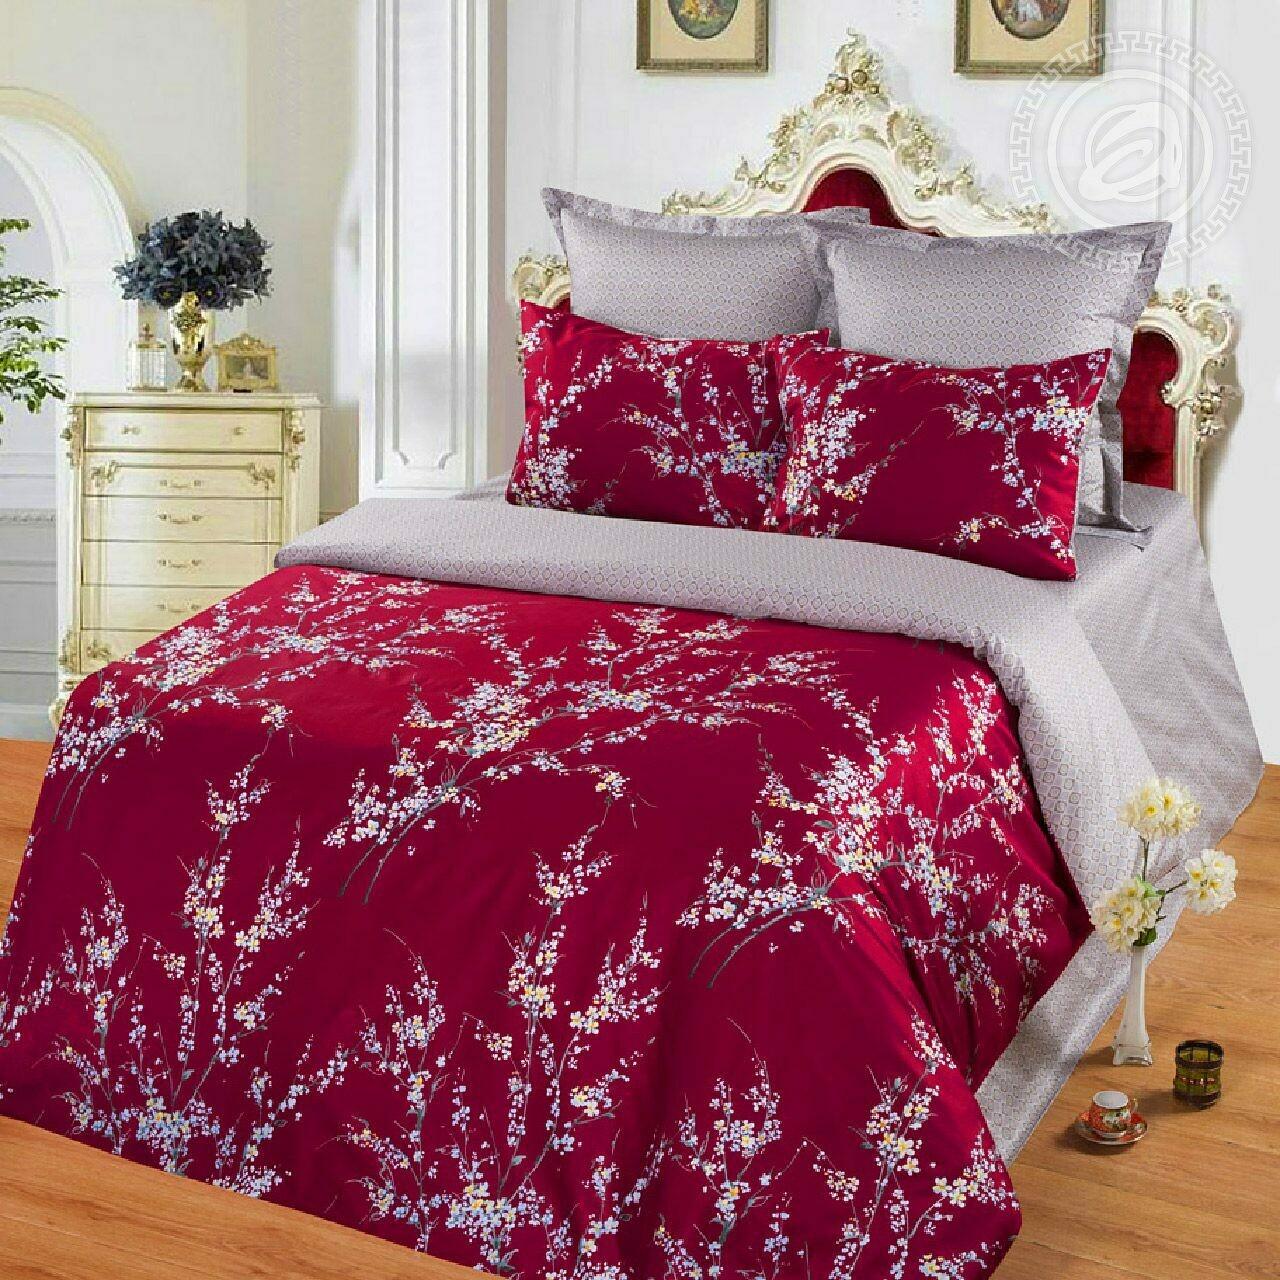 Гранат - Premium  (Комплекты постельного белья)